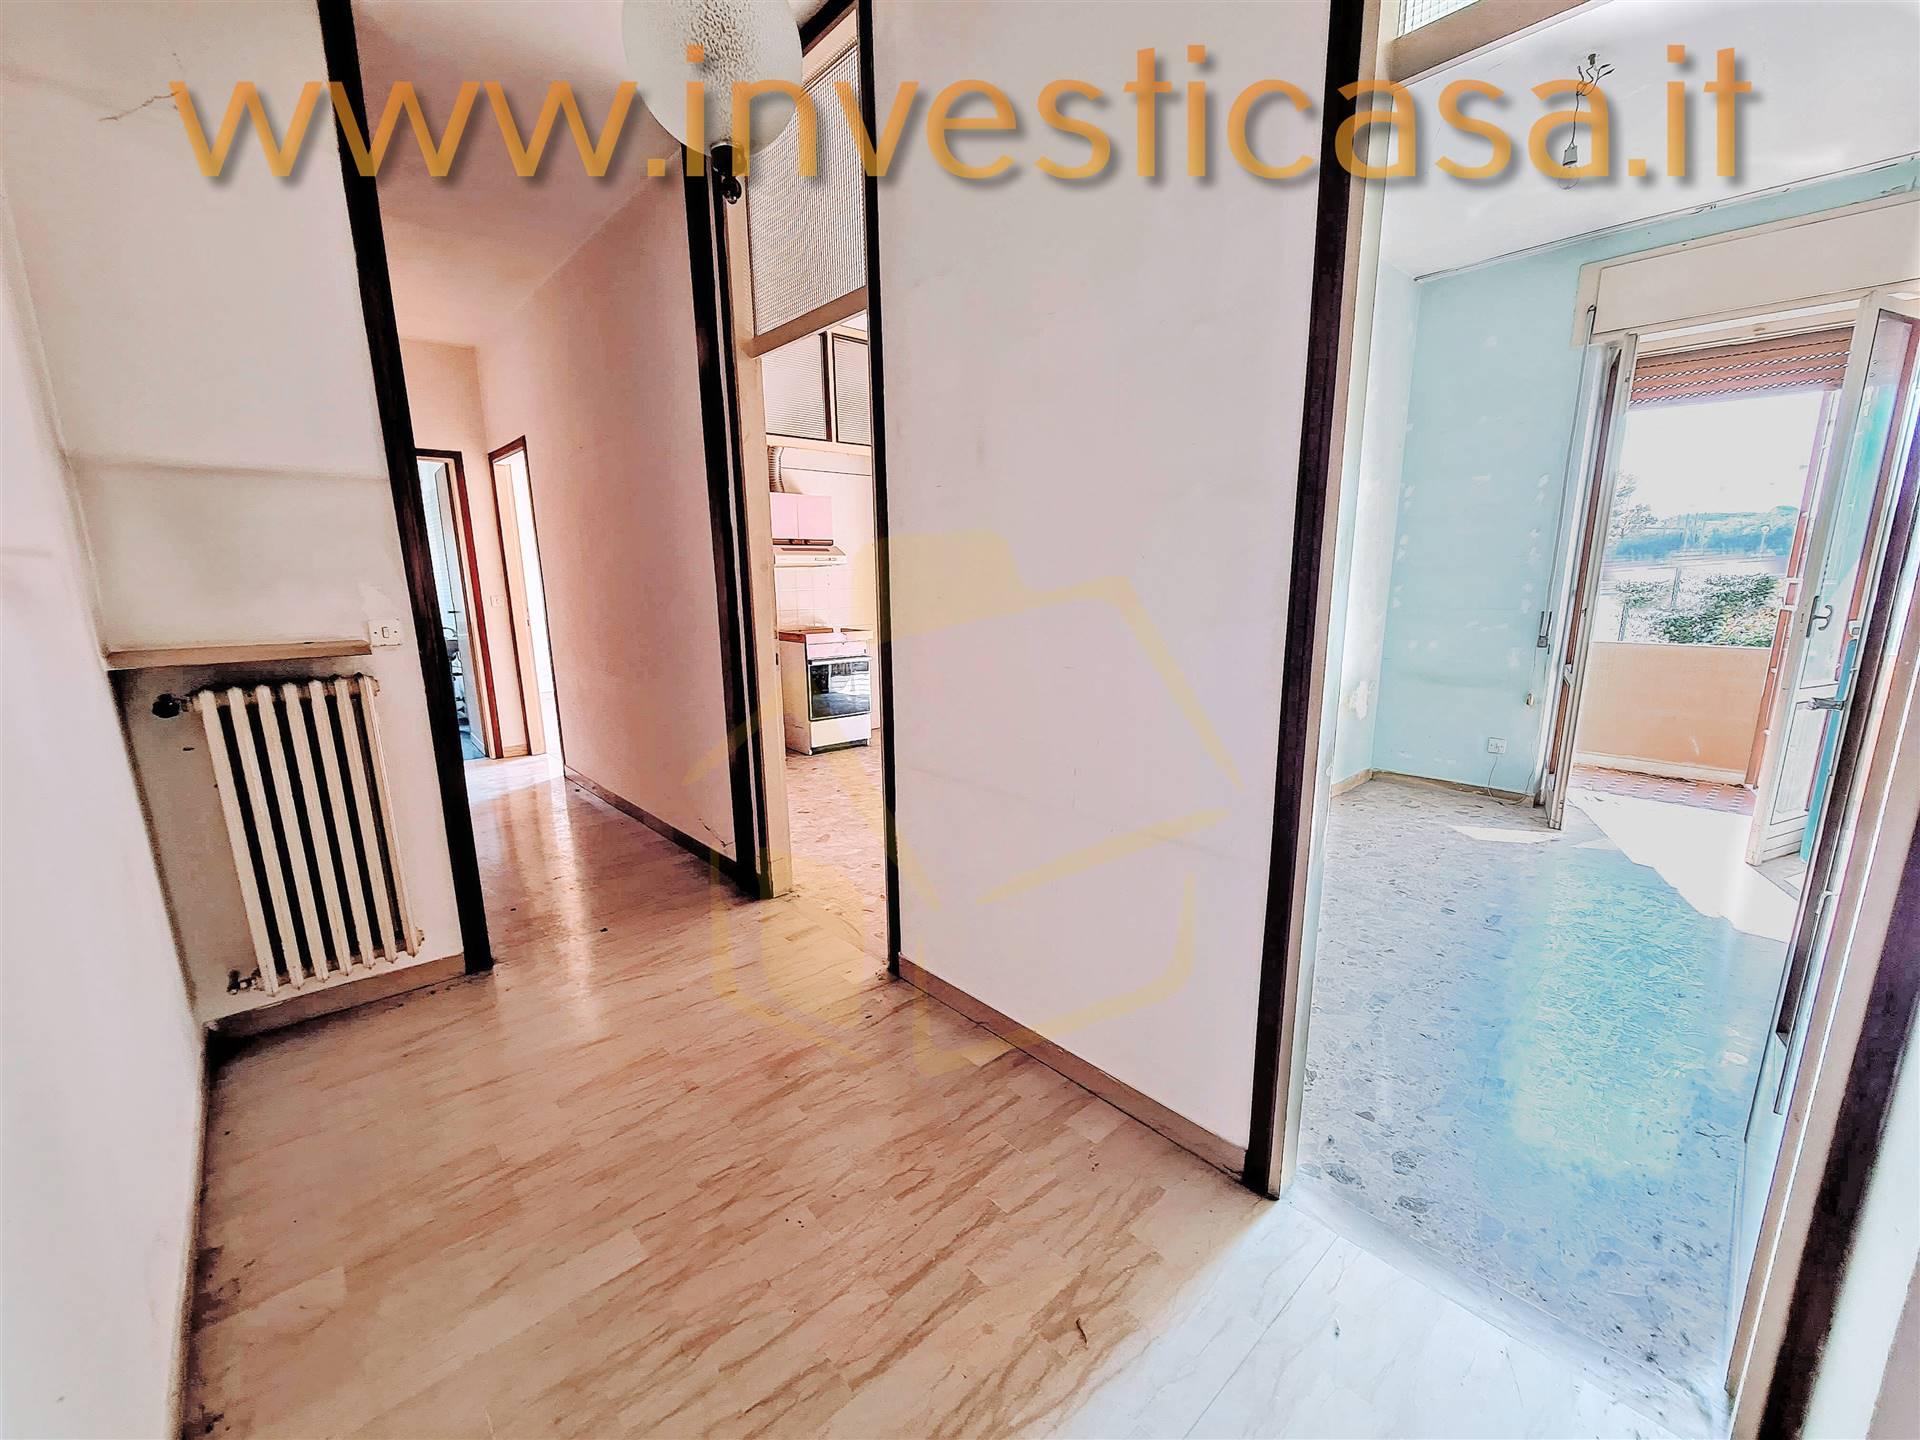 Appartamento in vendita a Lazise, 3 locali, prezzo € 185.000 | CambioCasa.it